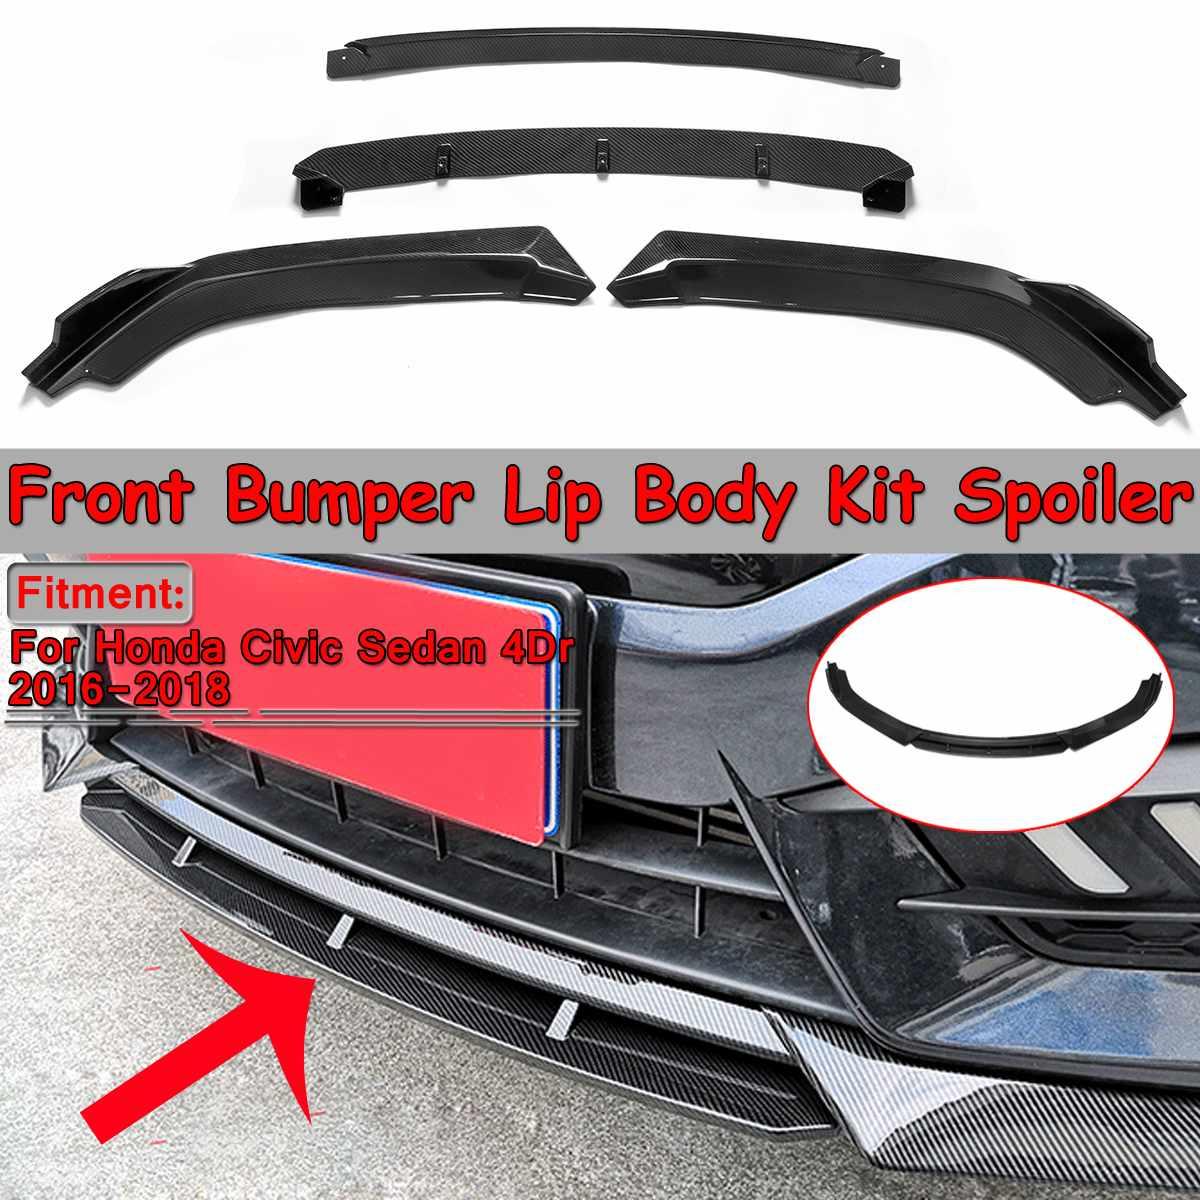 Nouveau 4 pièces voiture avant pare-chocs lèvre séparateur diffuseur lèvre corps Kit Spoiler pare-chocs protecteur pour Honda pour Civic berline 4Dr 2016-2018